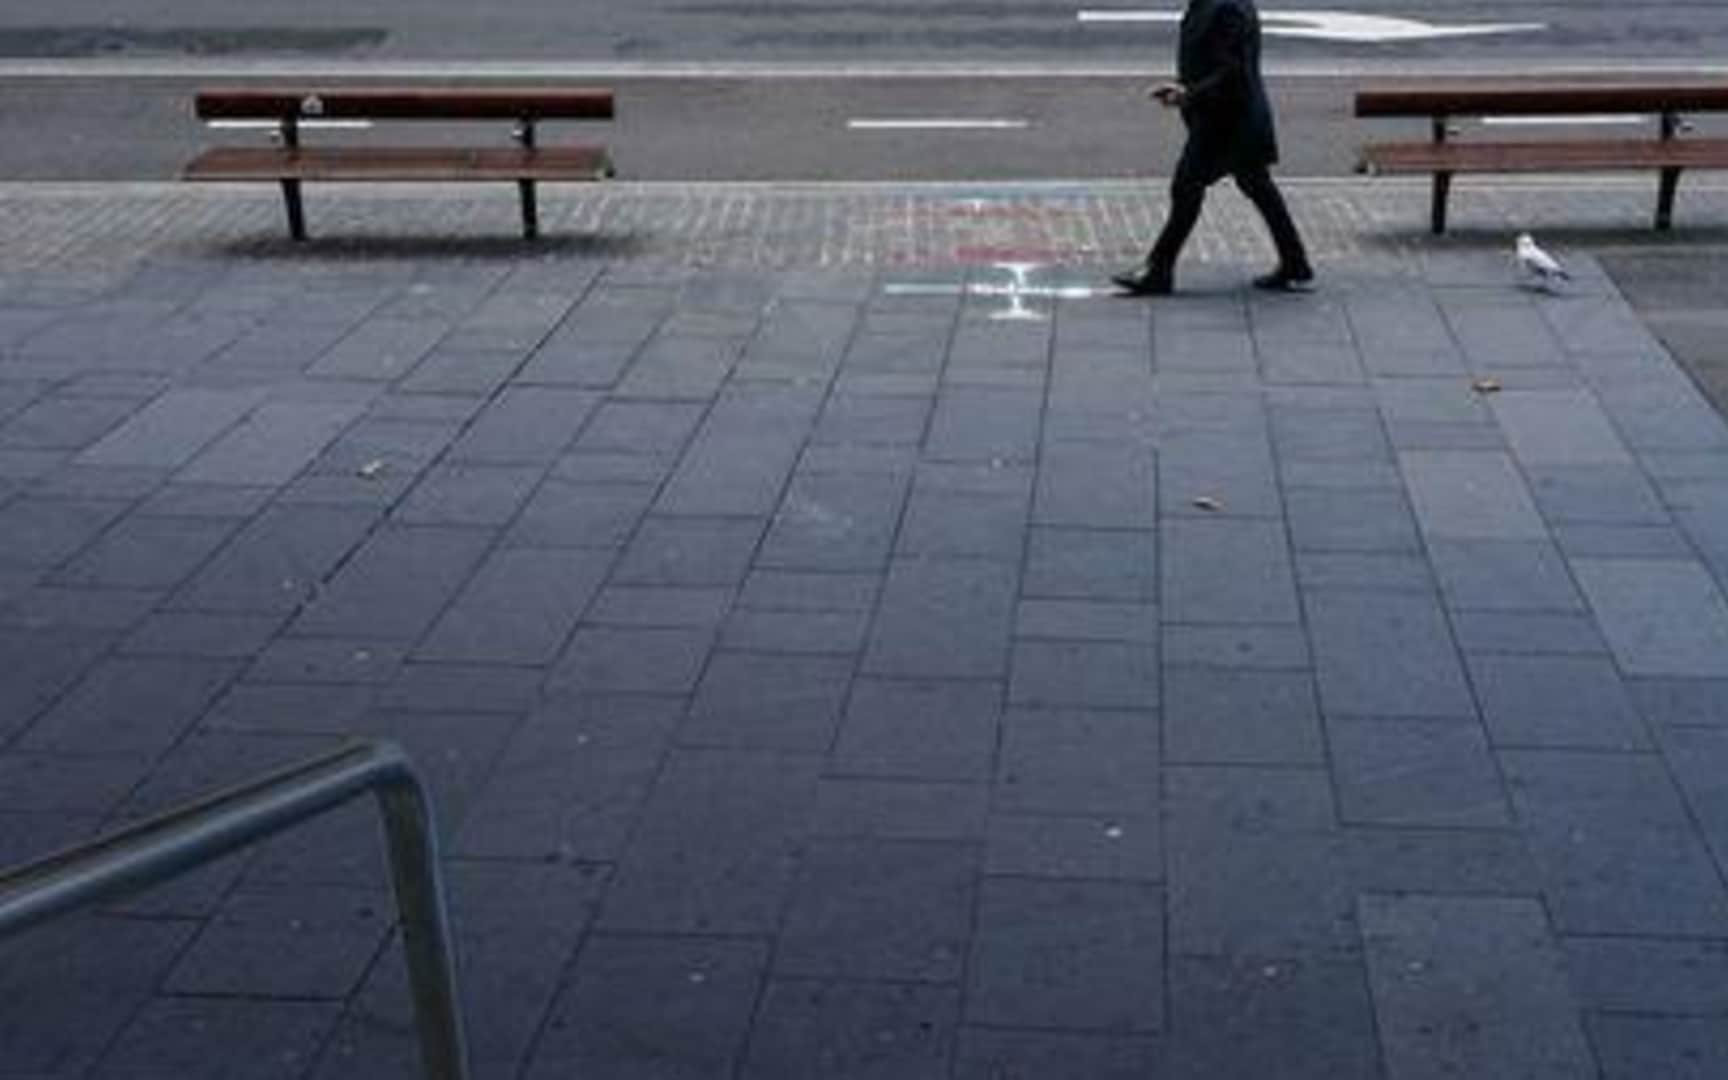 Úc kéo dài thời gian giãn cách ở Sydney sau khi số ca mắc mới Covid-19 tăng mạnh